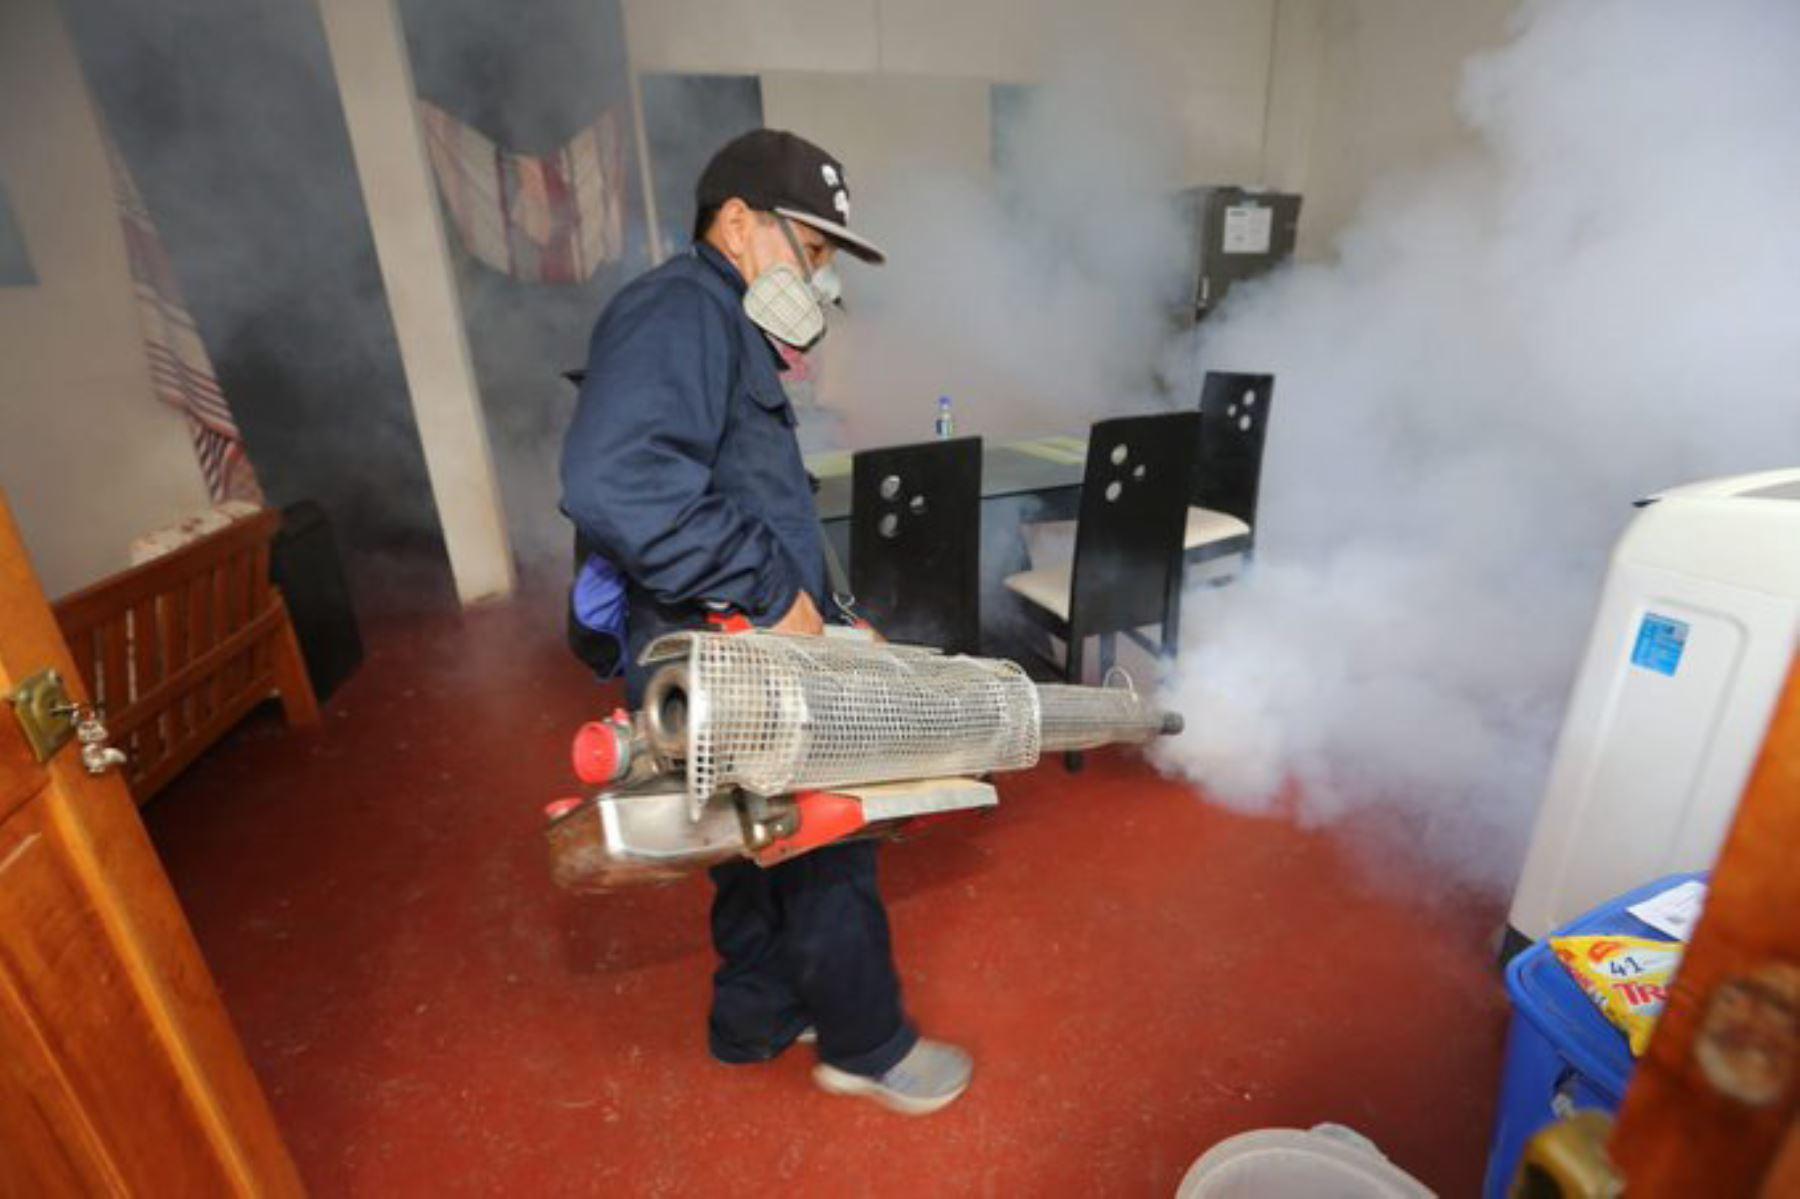 El Ministerio de Salud y la Dirección Regional de Salud de Madre de Dios inician la fumigación de más de 24,000 viviendas para eliminar al zancudo Aedes Aegypti, transmisor del dengue. Participan más de 80 fumigadores e inspectores movilizados desde Lima y de la región.